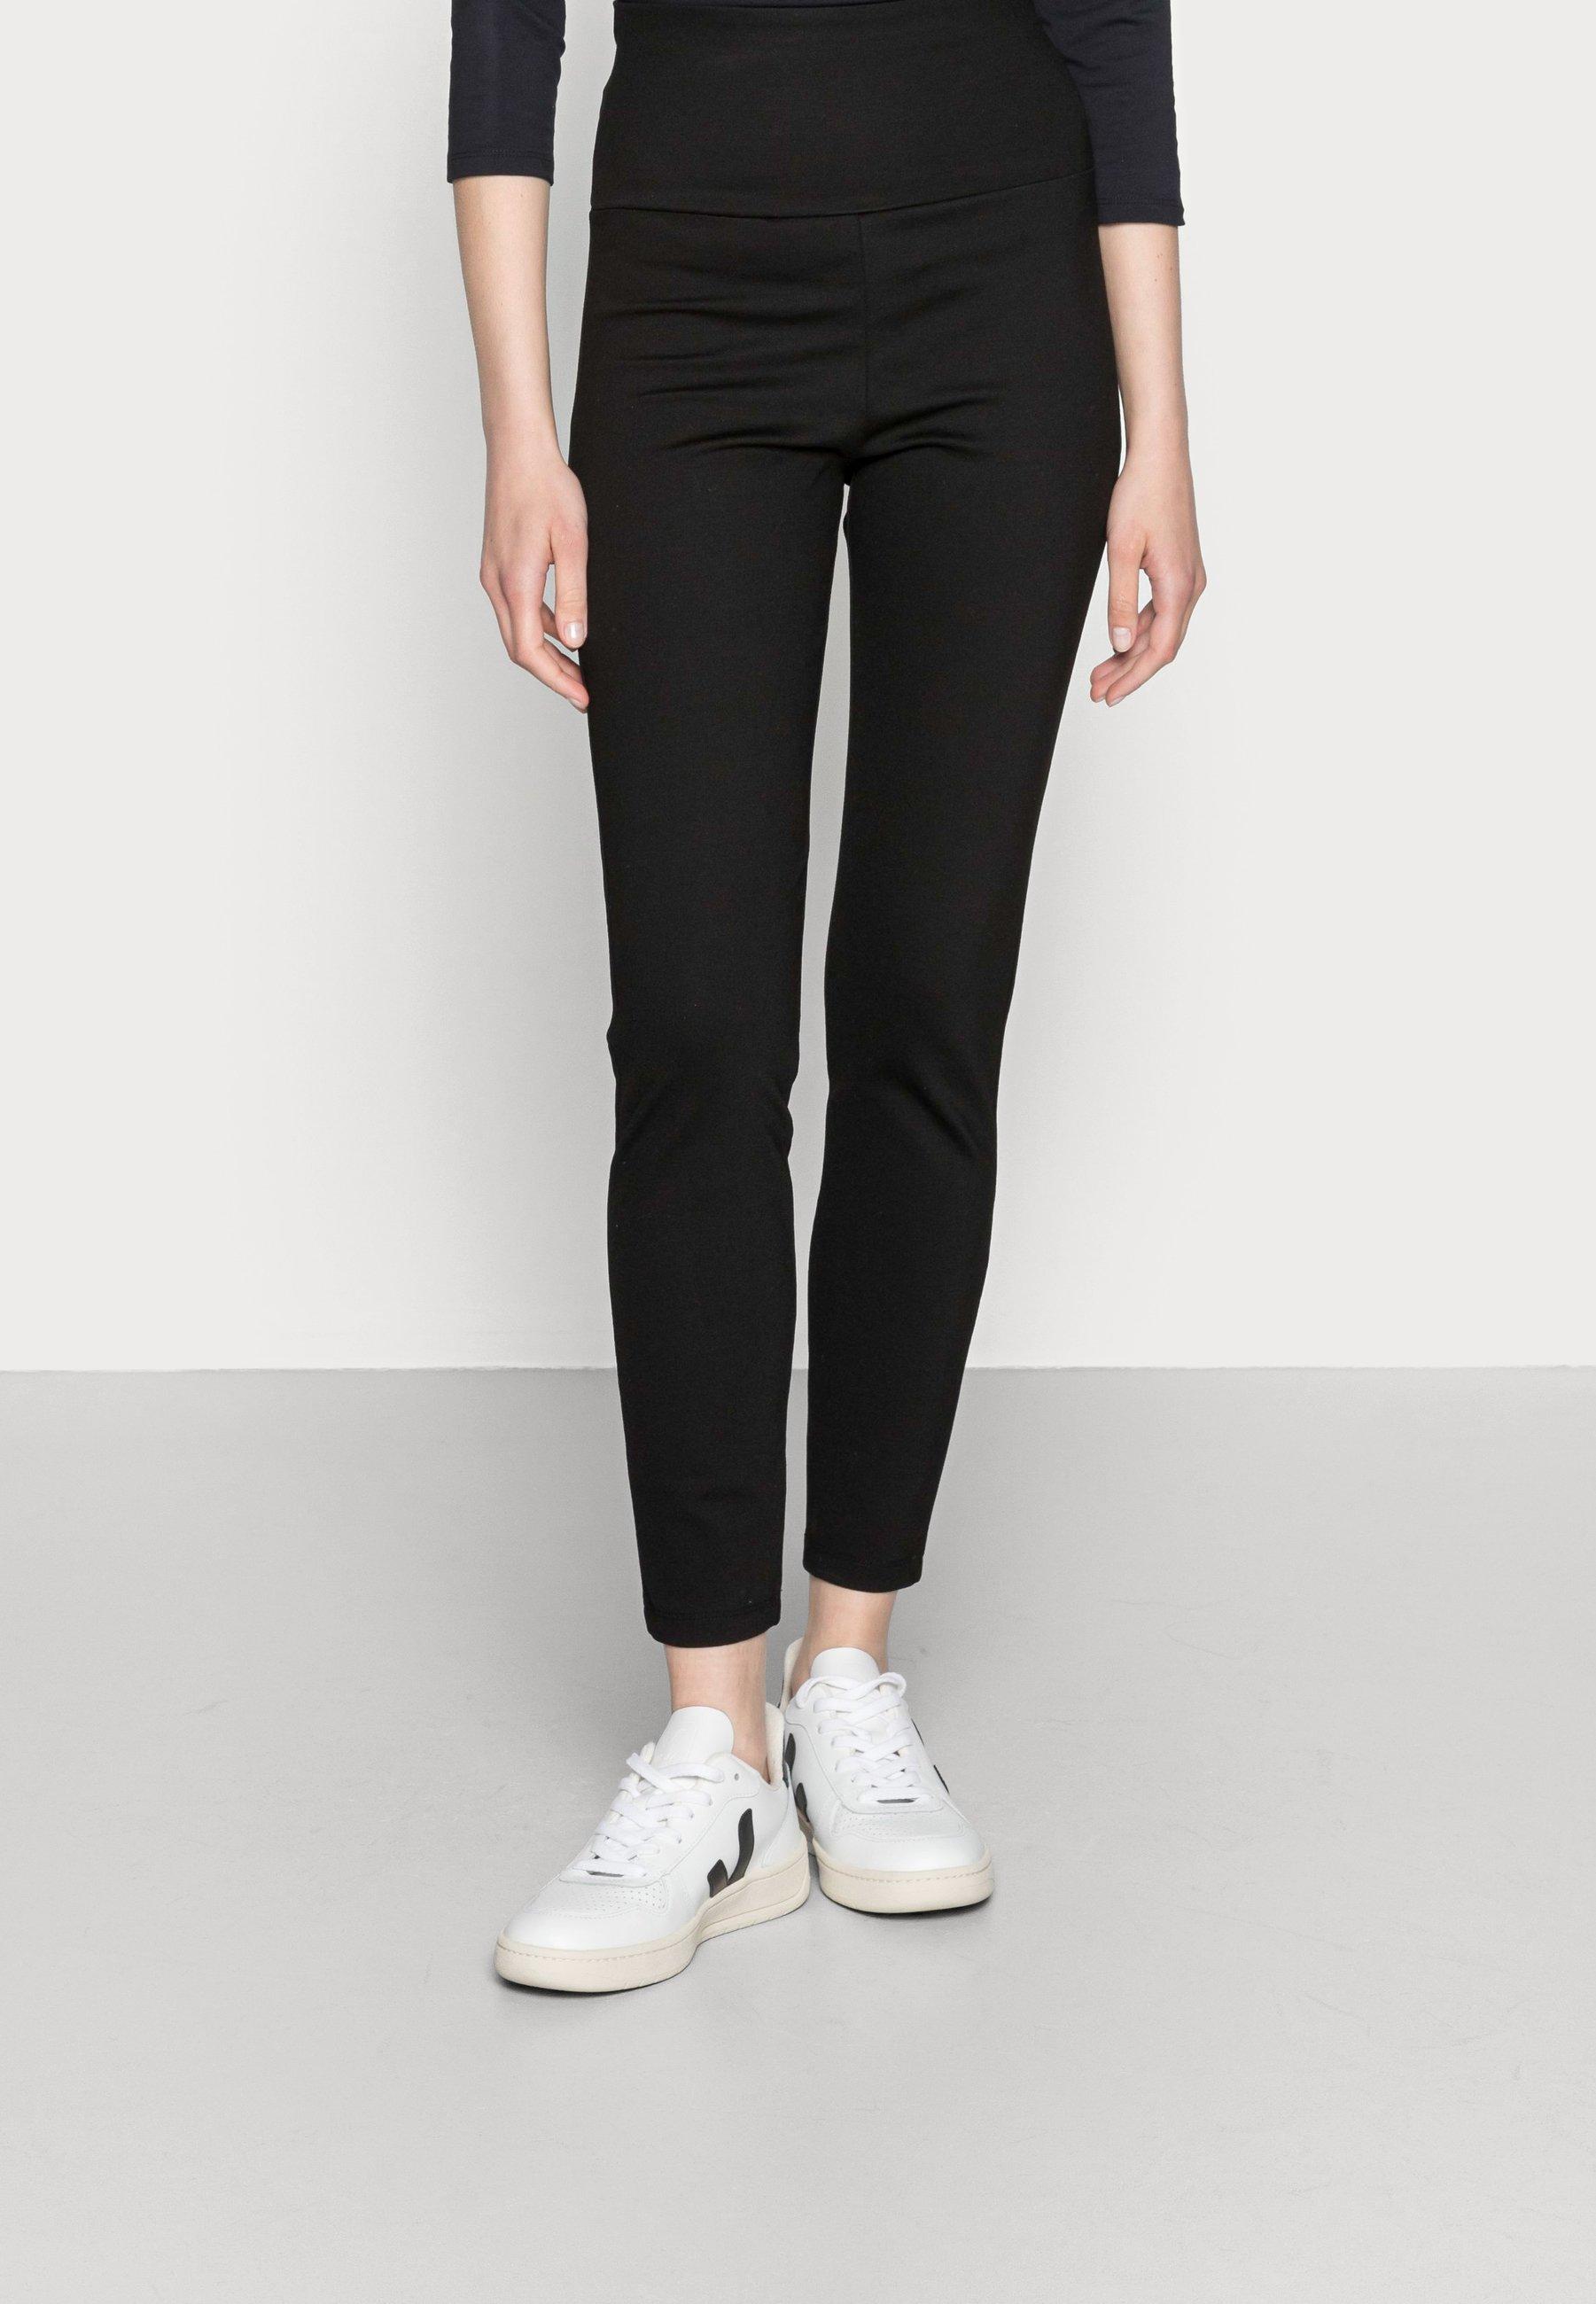 Damen HIGH WAIST PUNTO  - Leggings - Hosen